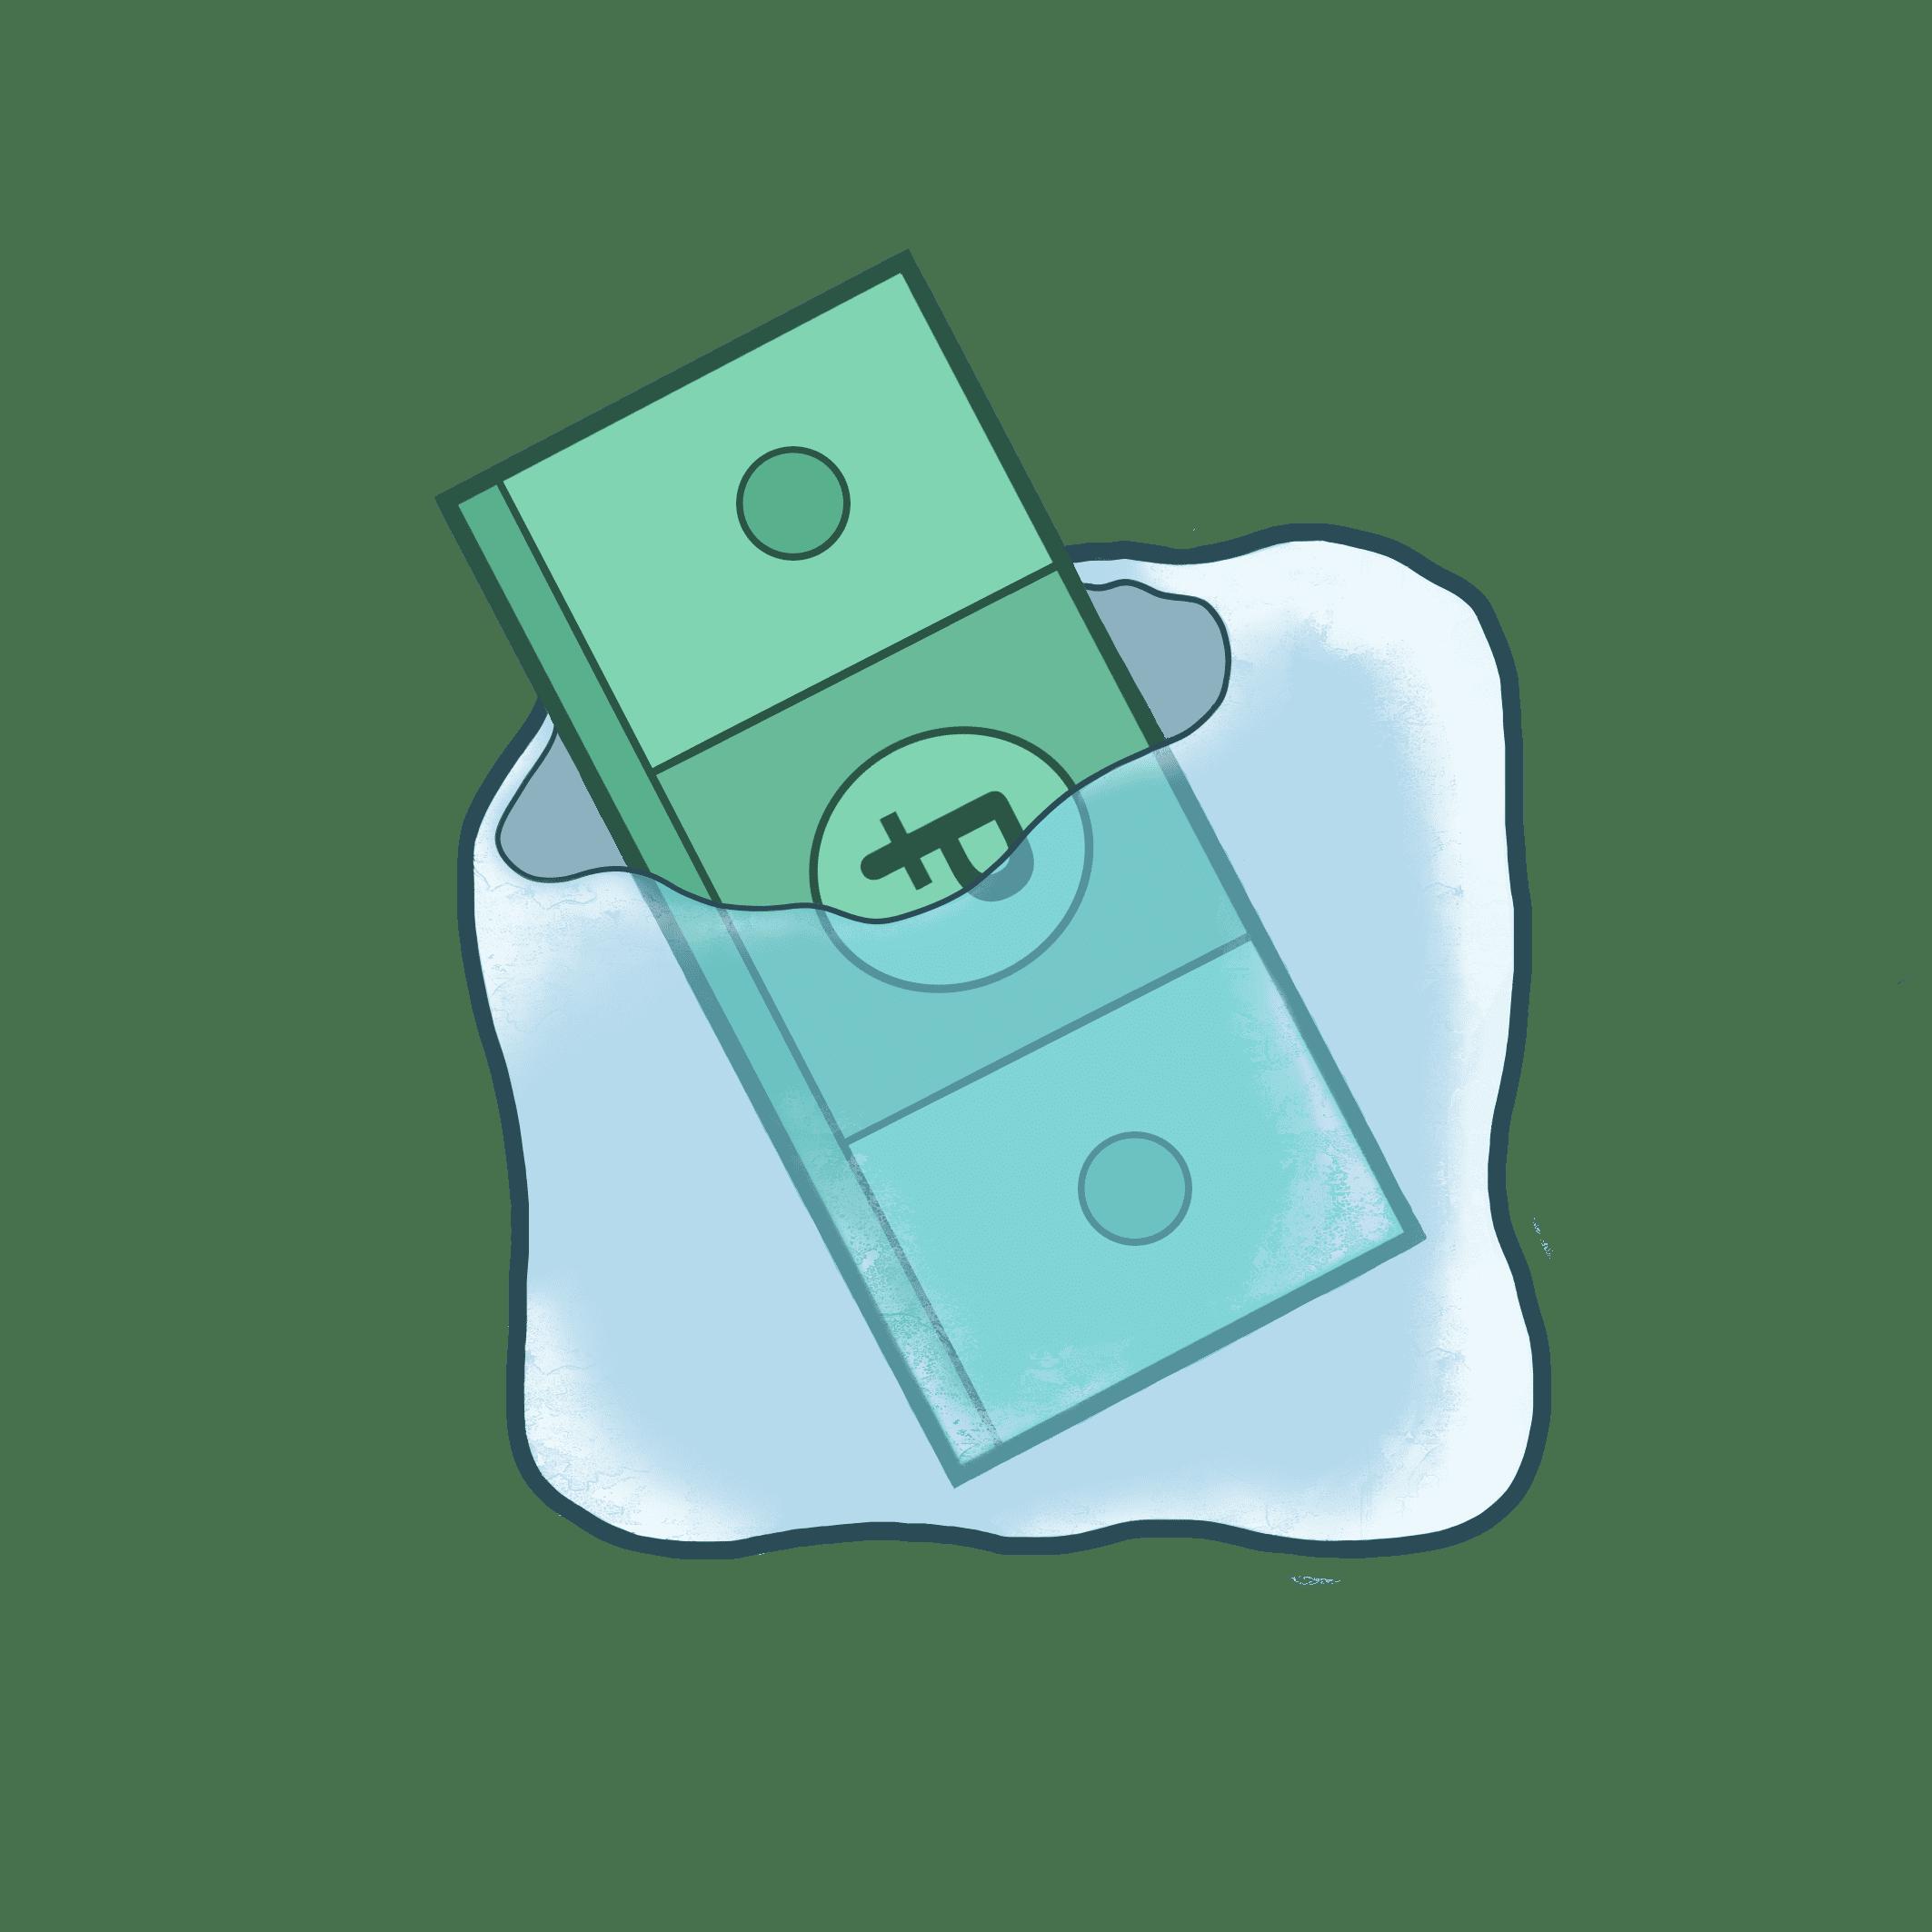 холдирование средств